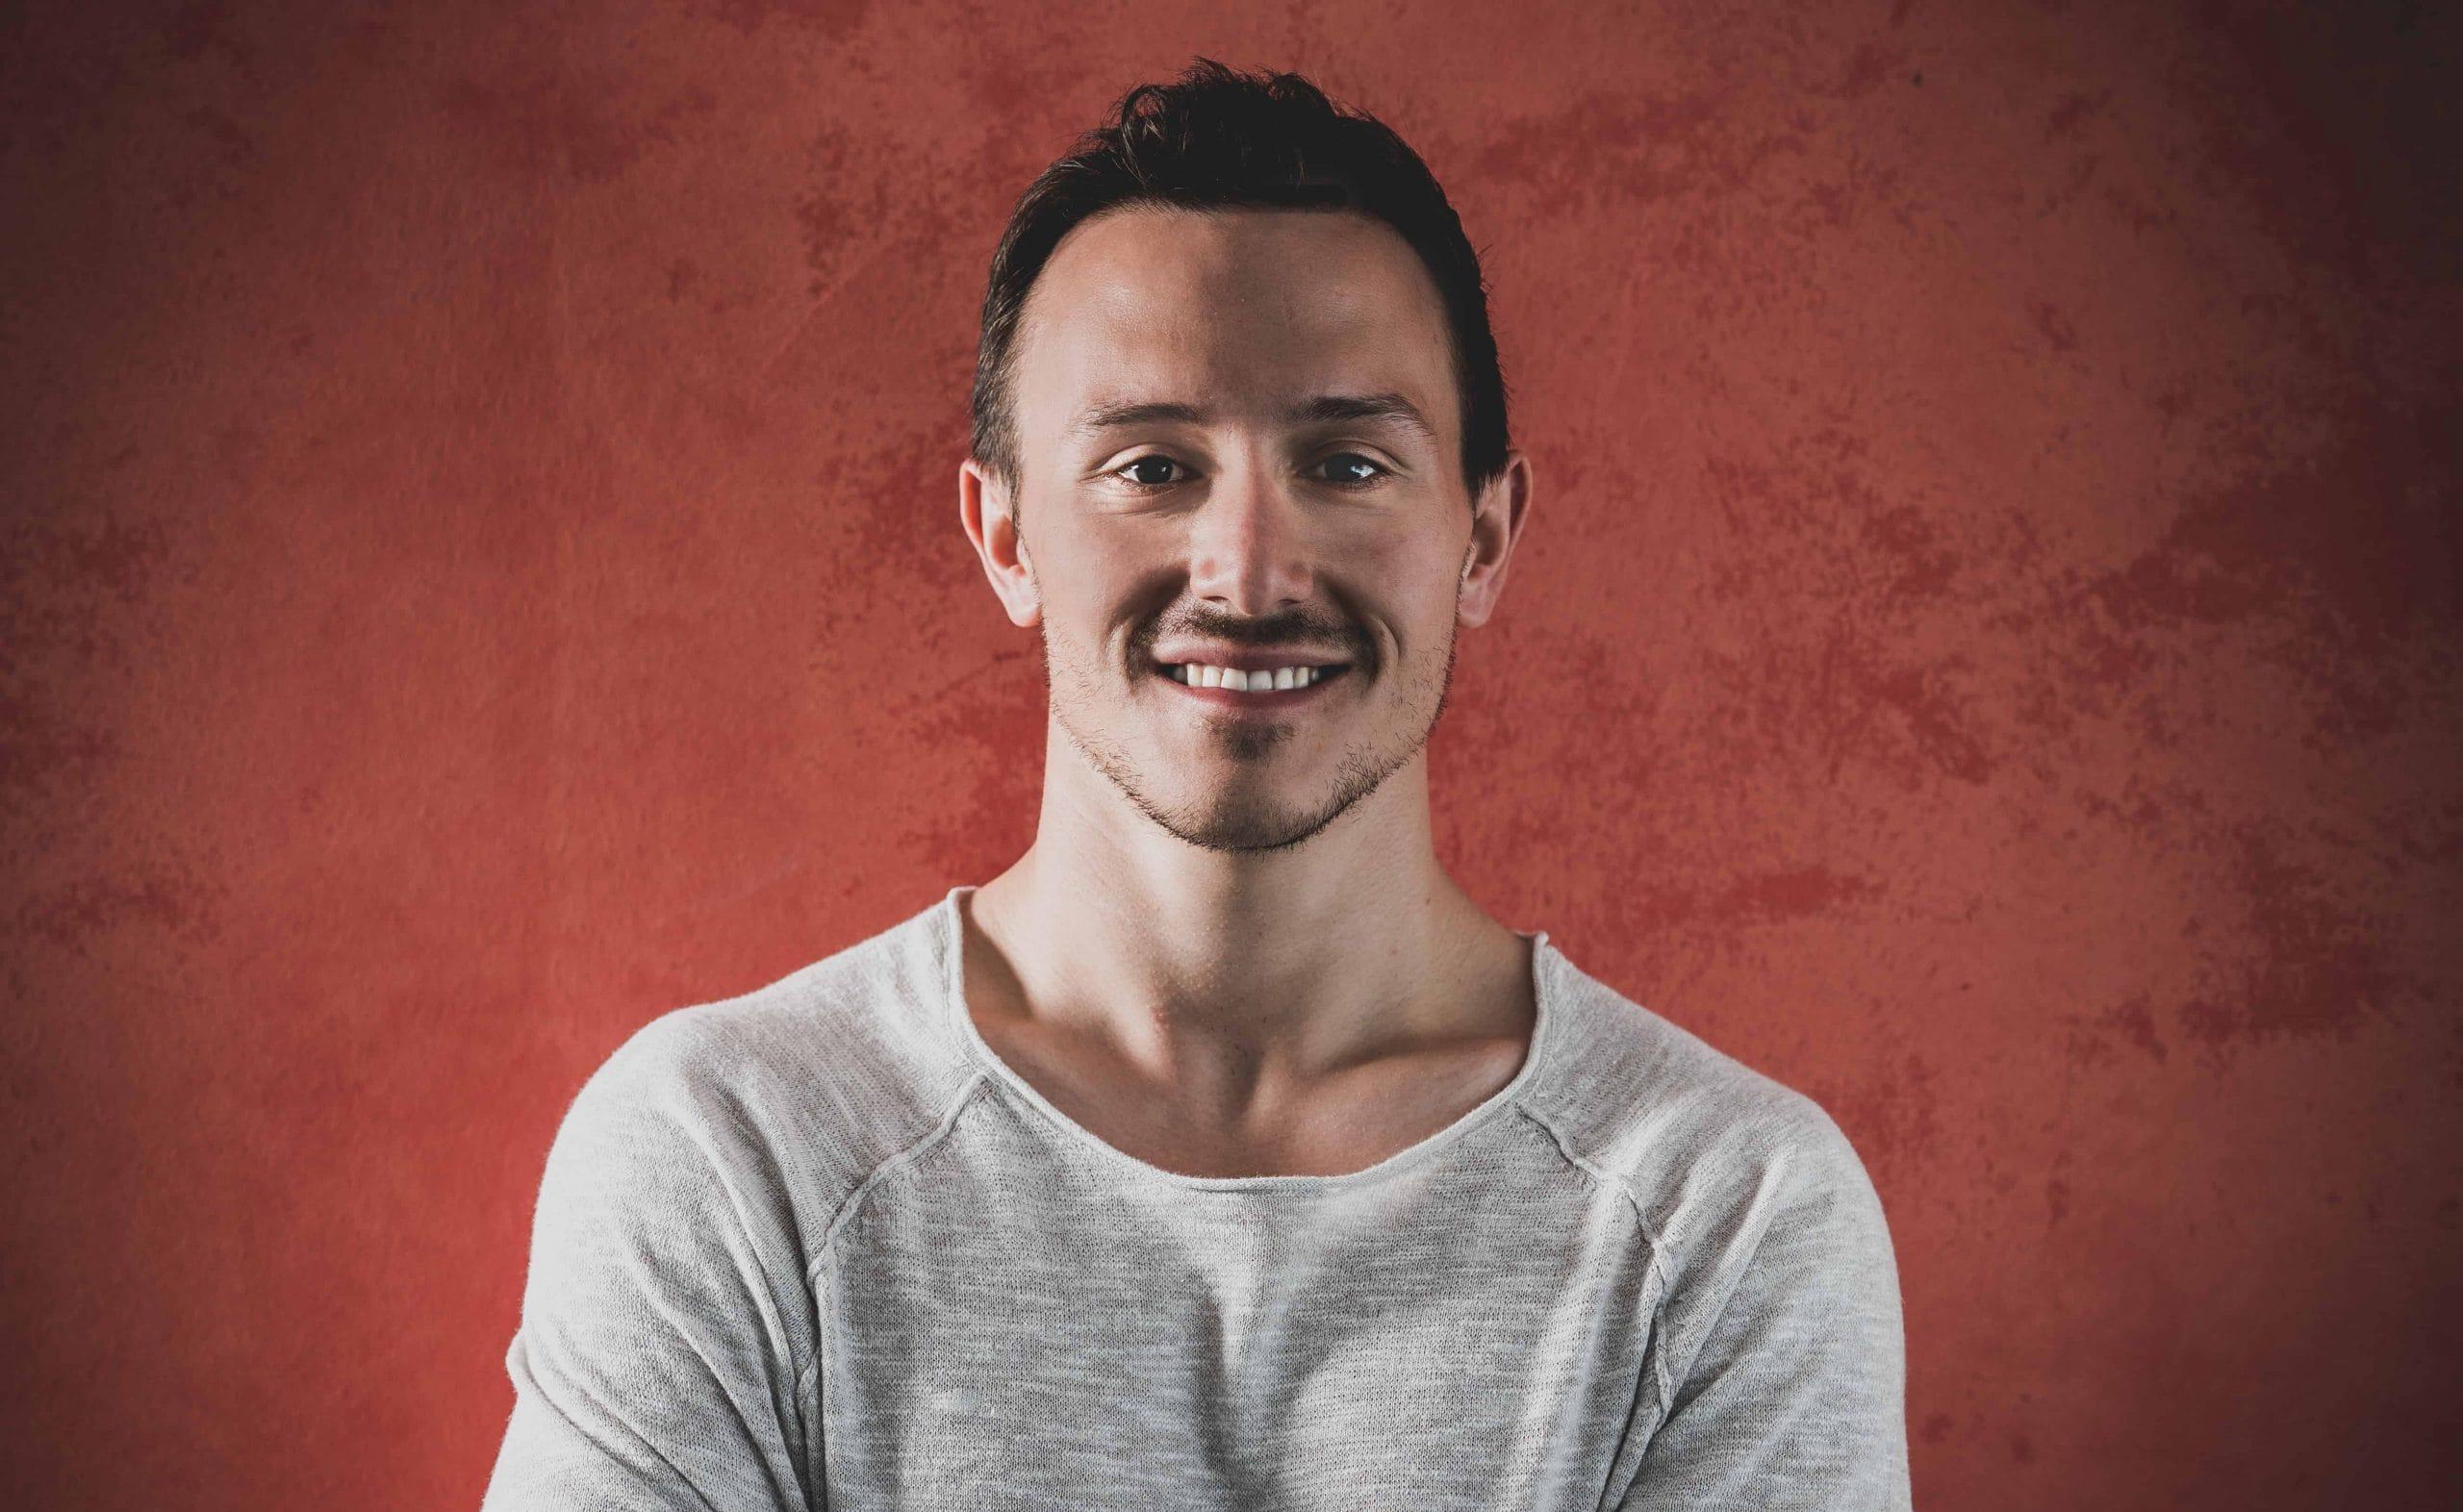 Unternehmer werden: Fabian Silberer von sevdesk erklärt, was auf Gründer zukommt, die zu Unternehmern werden